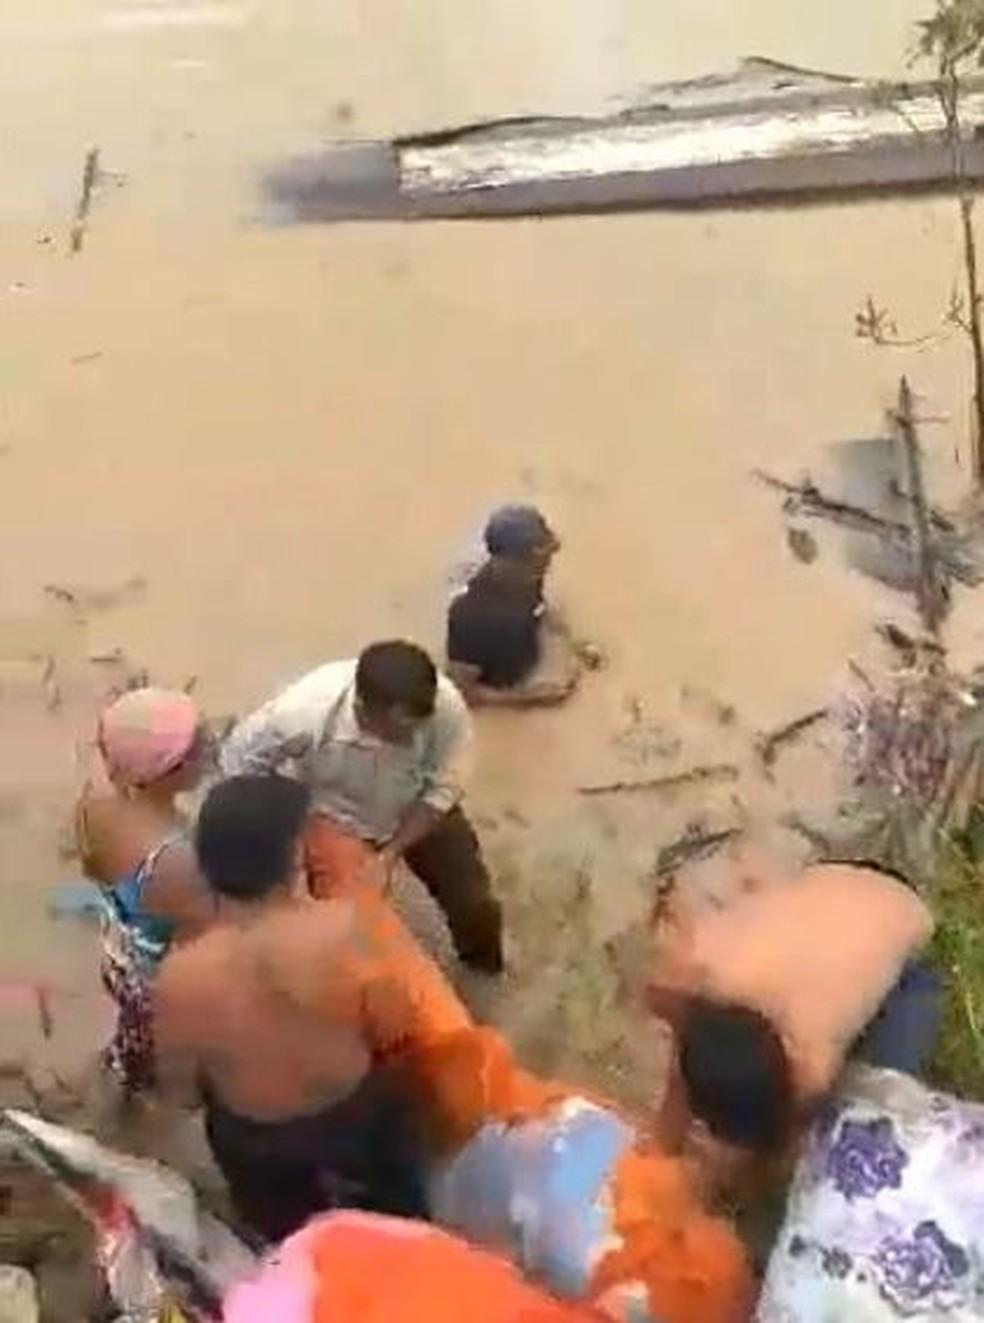 Barco com seis pessoas dentro virou e bombeiro salvou as vítimas sozinho no Acre — Foto: Corpo de Bombeiros do Acre/Divulgação